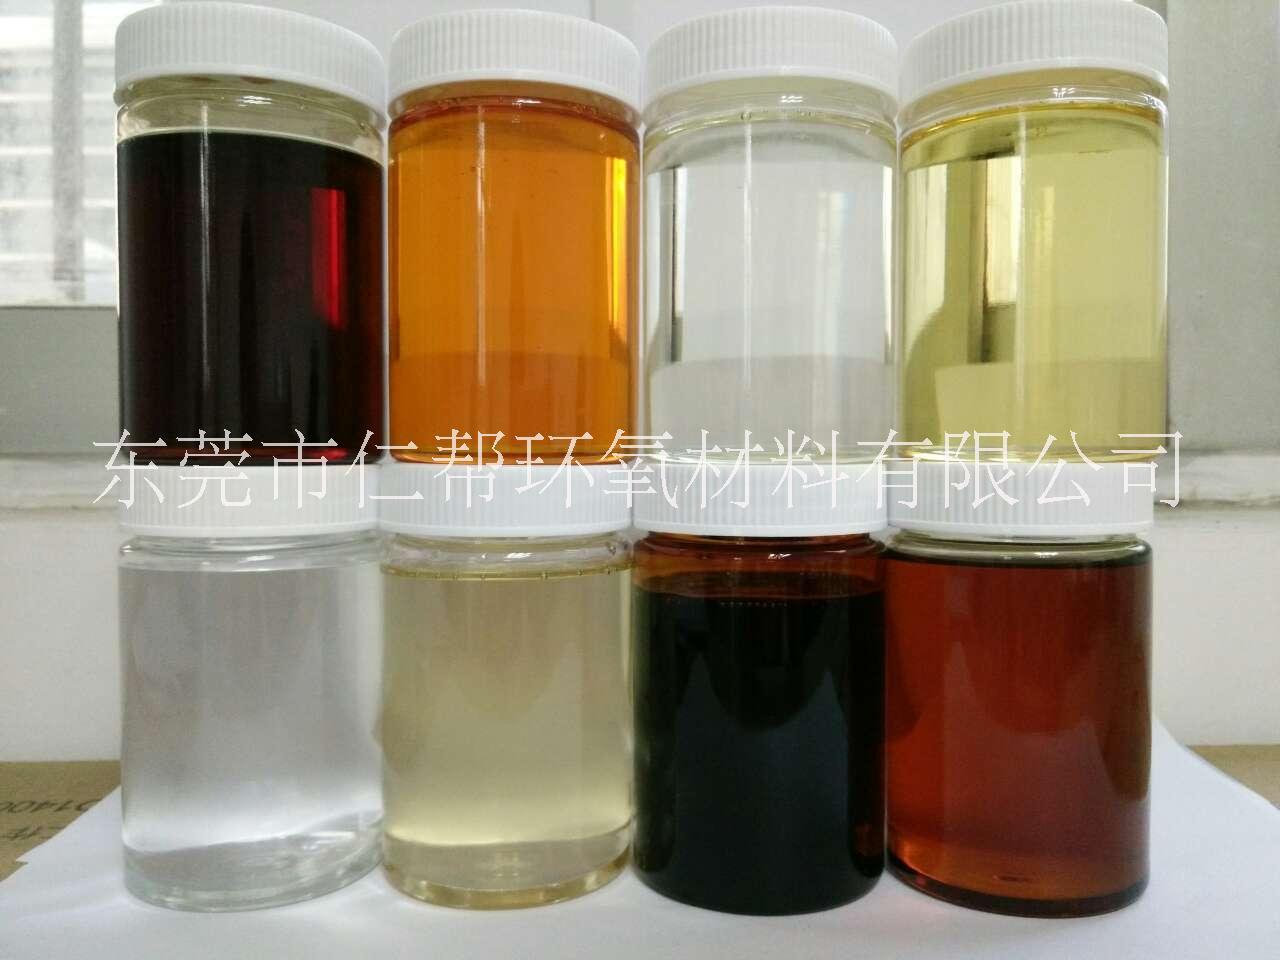 优质美缝剂真瓷胶固化剂生产厂家 广东仁邦美缝剂真瓷胶固化剂研发